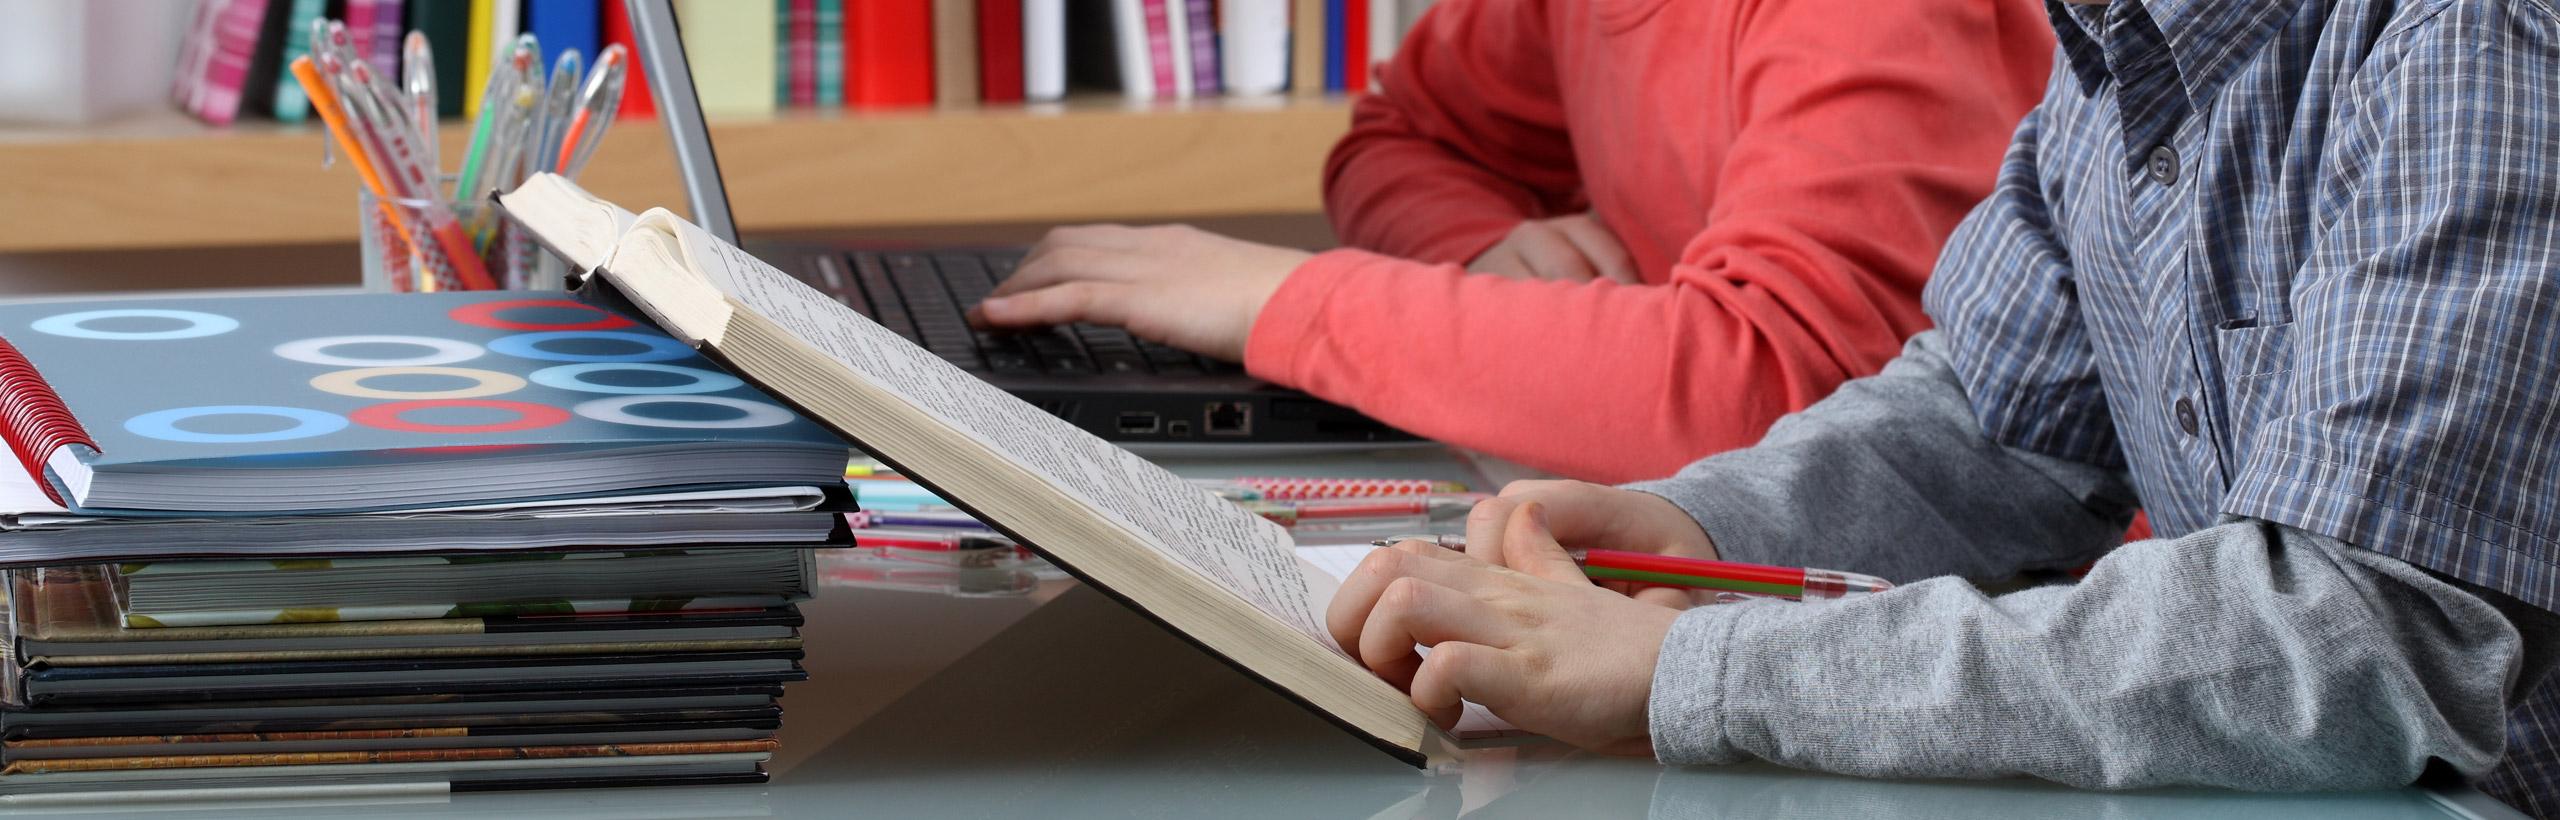 Formación continua, desde las aulas escolares hasta la universidad, apoyada en las nuevas tecnologías.